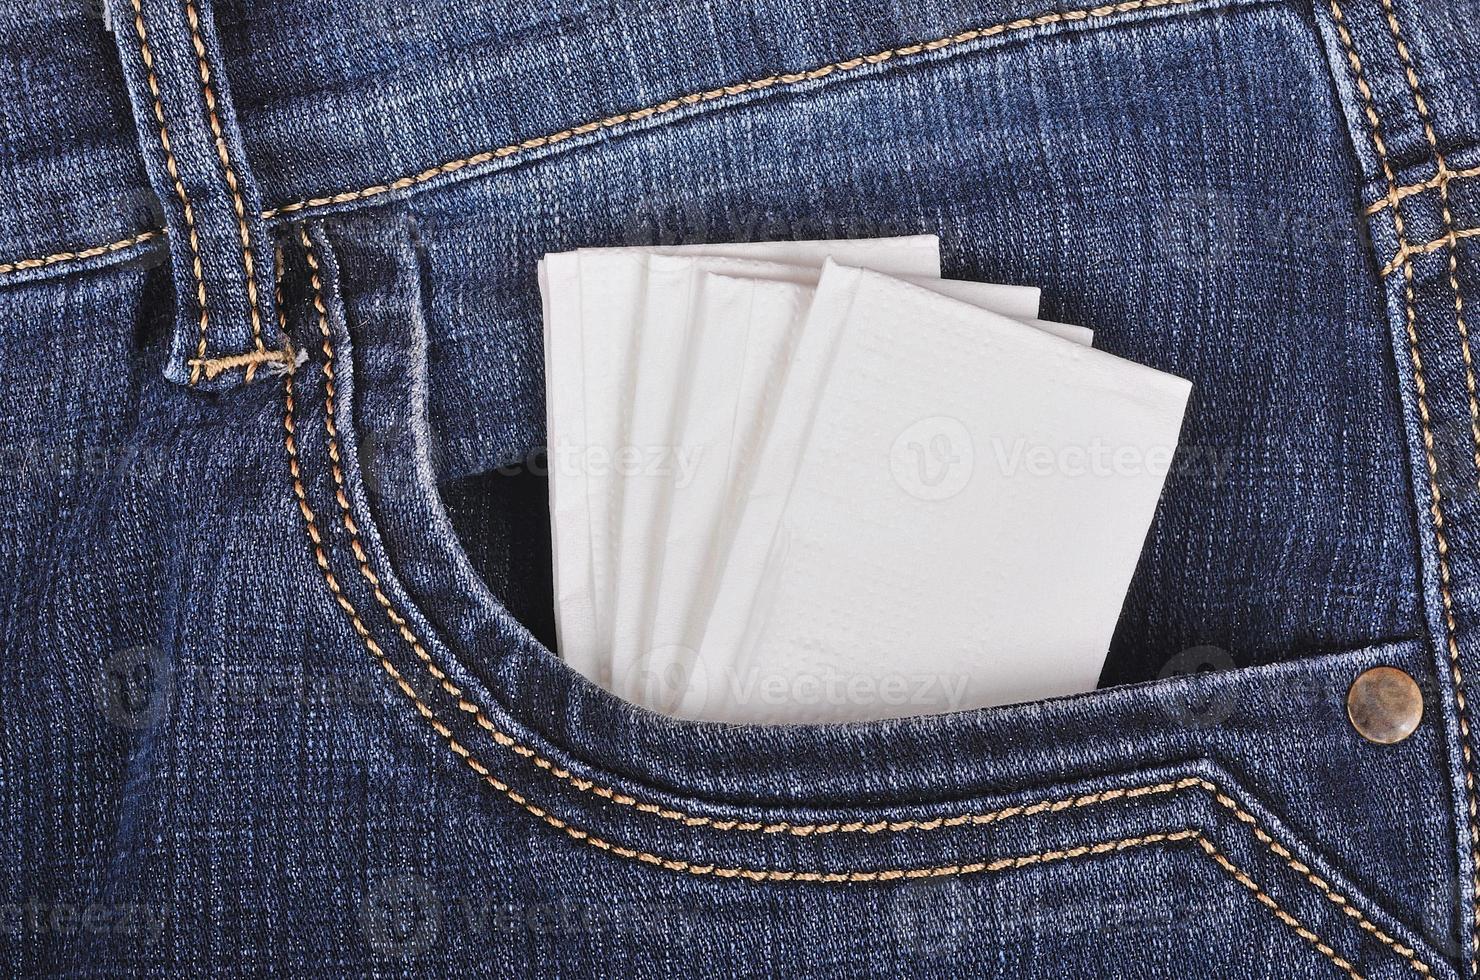 papieren zakdoek in de broekzak foto